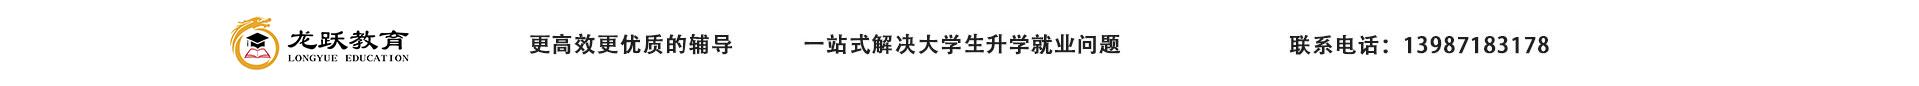 龙跃教育_Logo